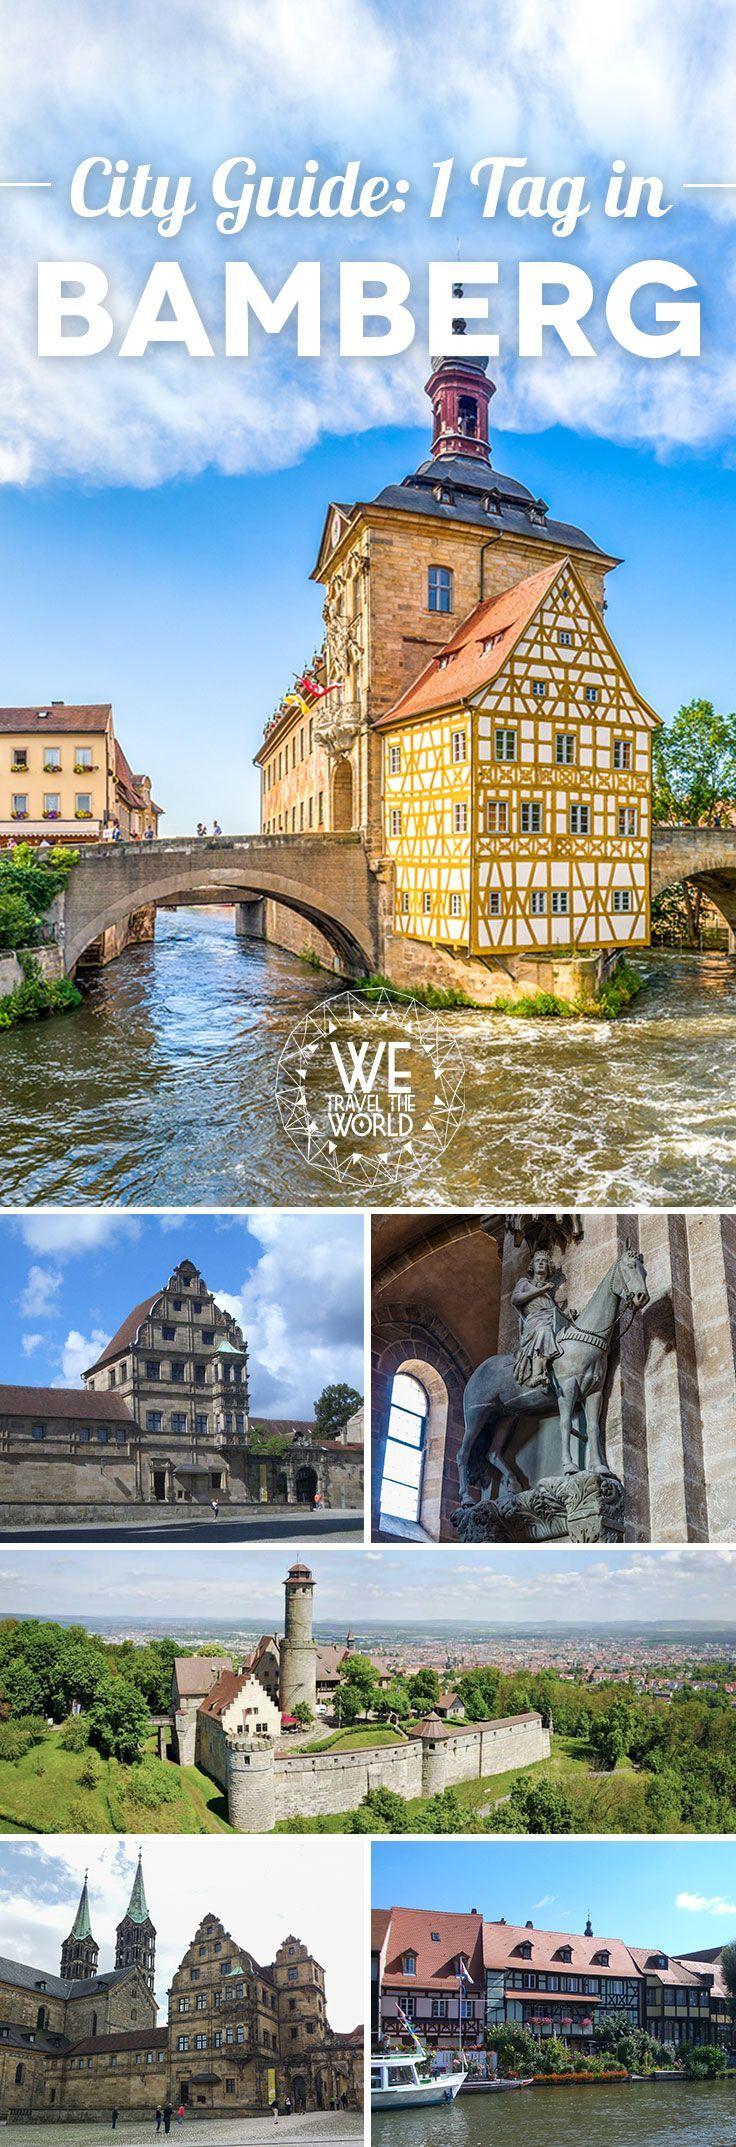 City Guide Bamberg: So erlebst du einen schönen Tag in der alten Kaiser- und Bischofsstadt